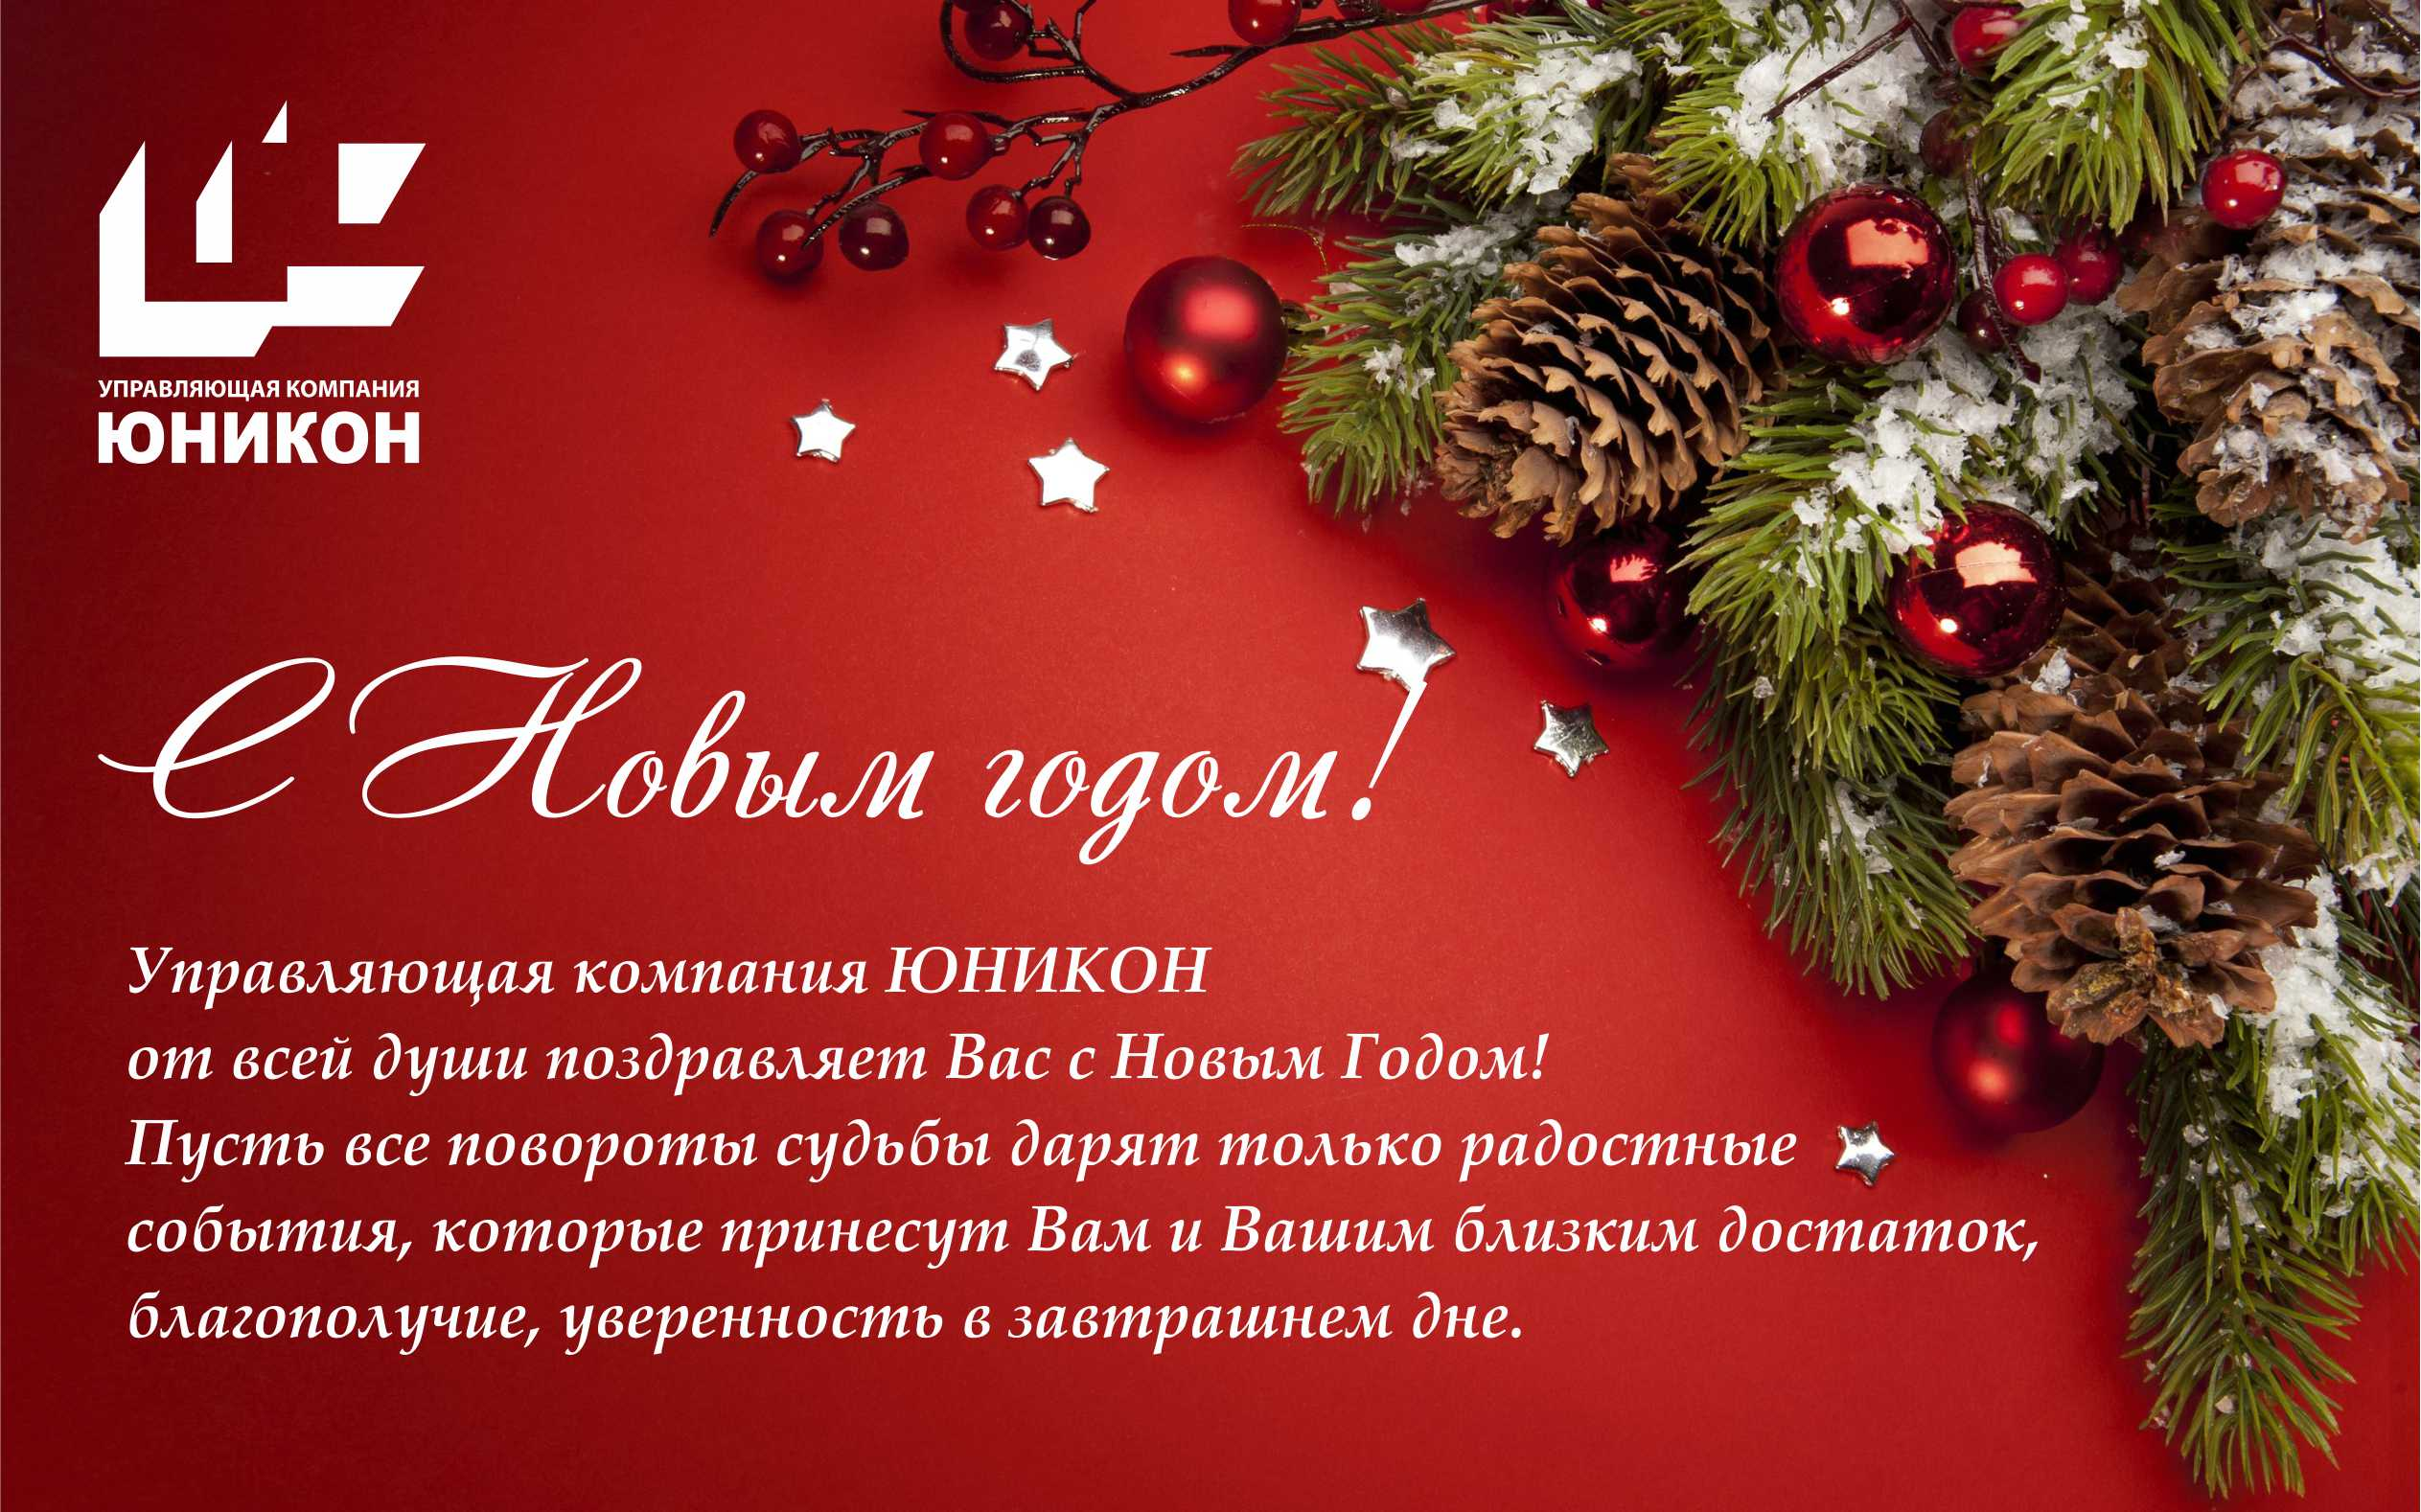 Поздравление фирмам на новый год